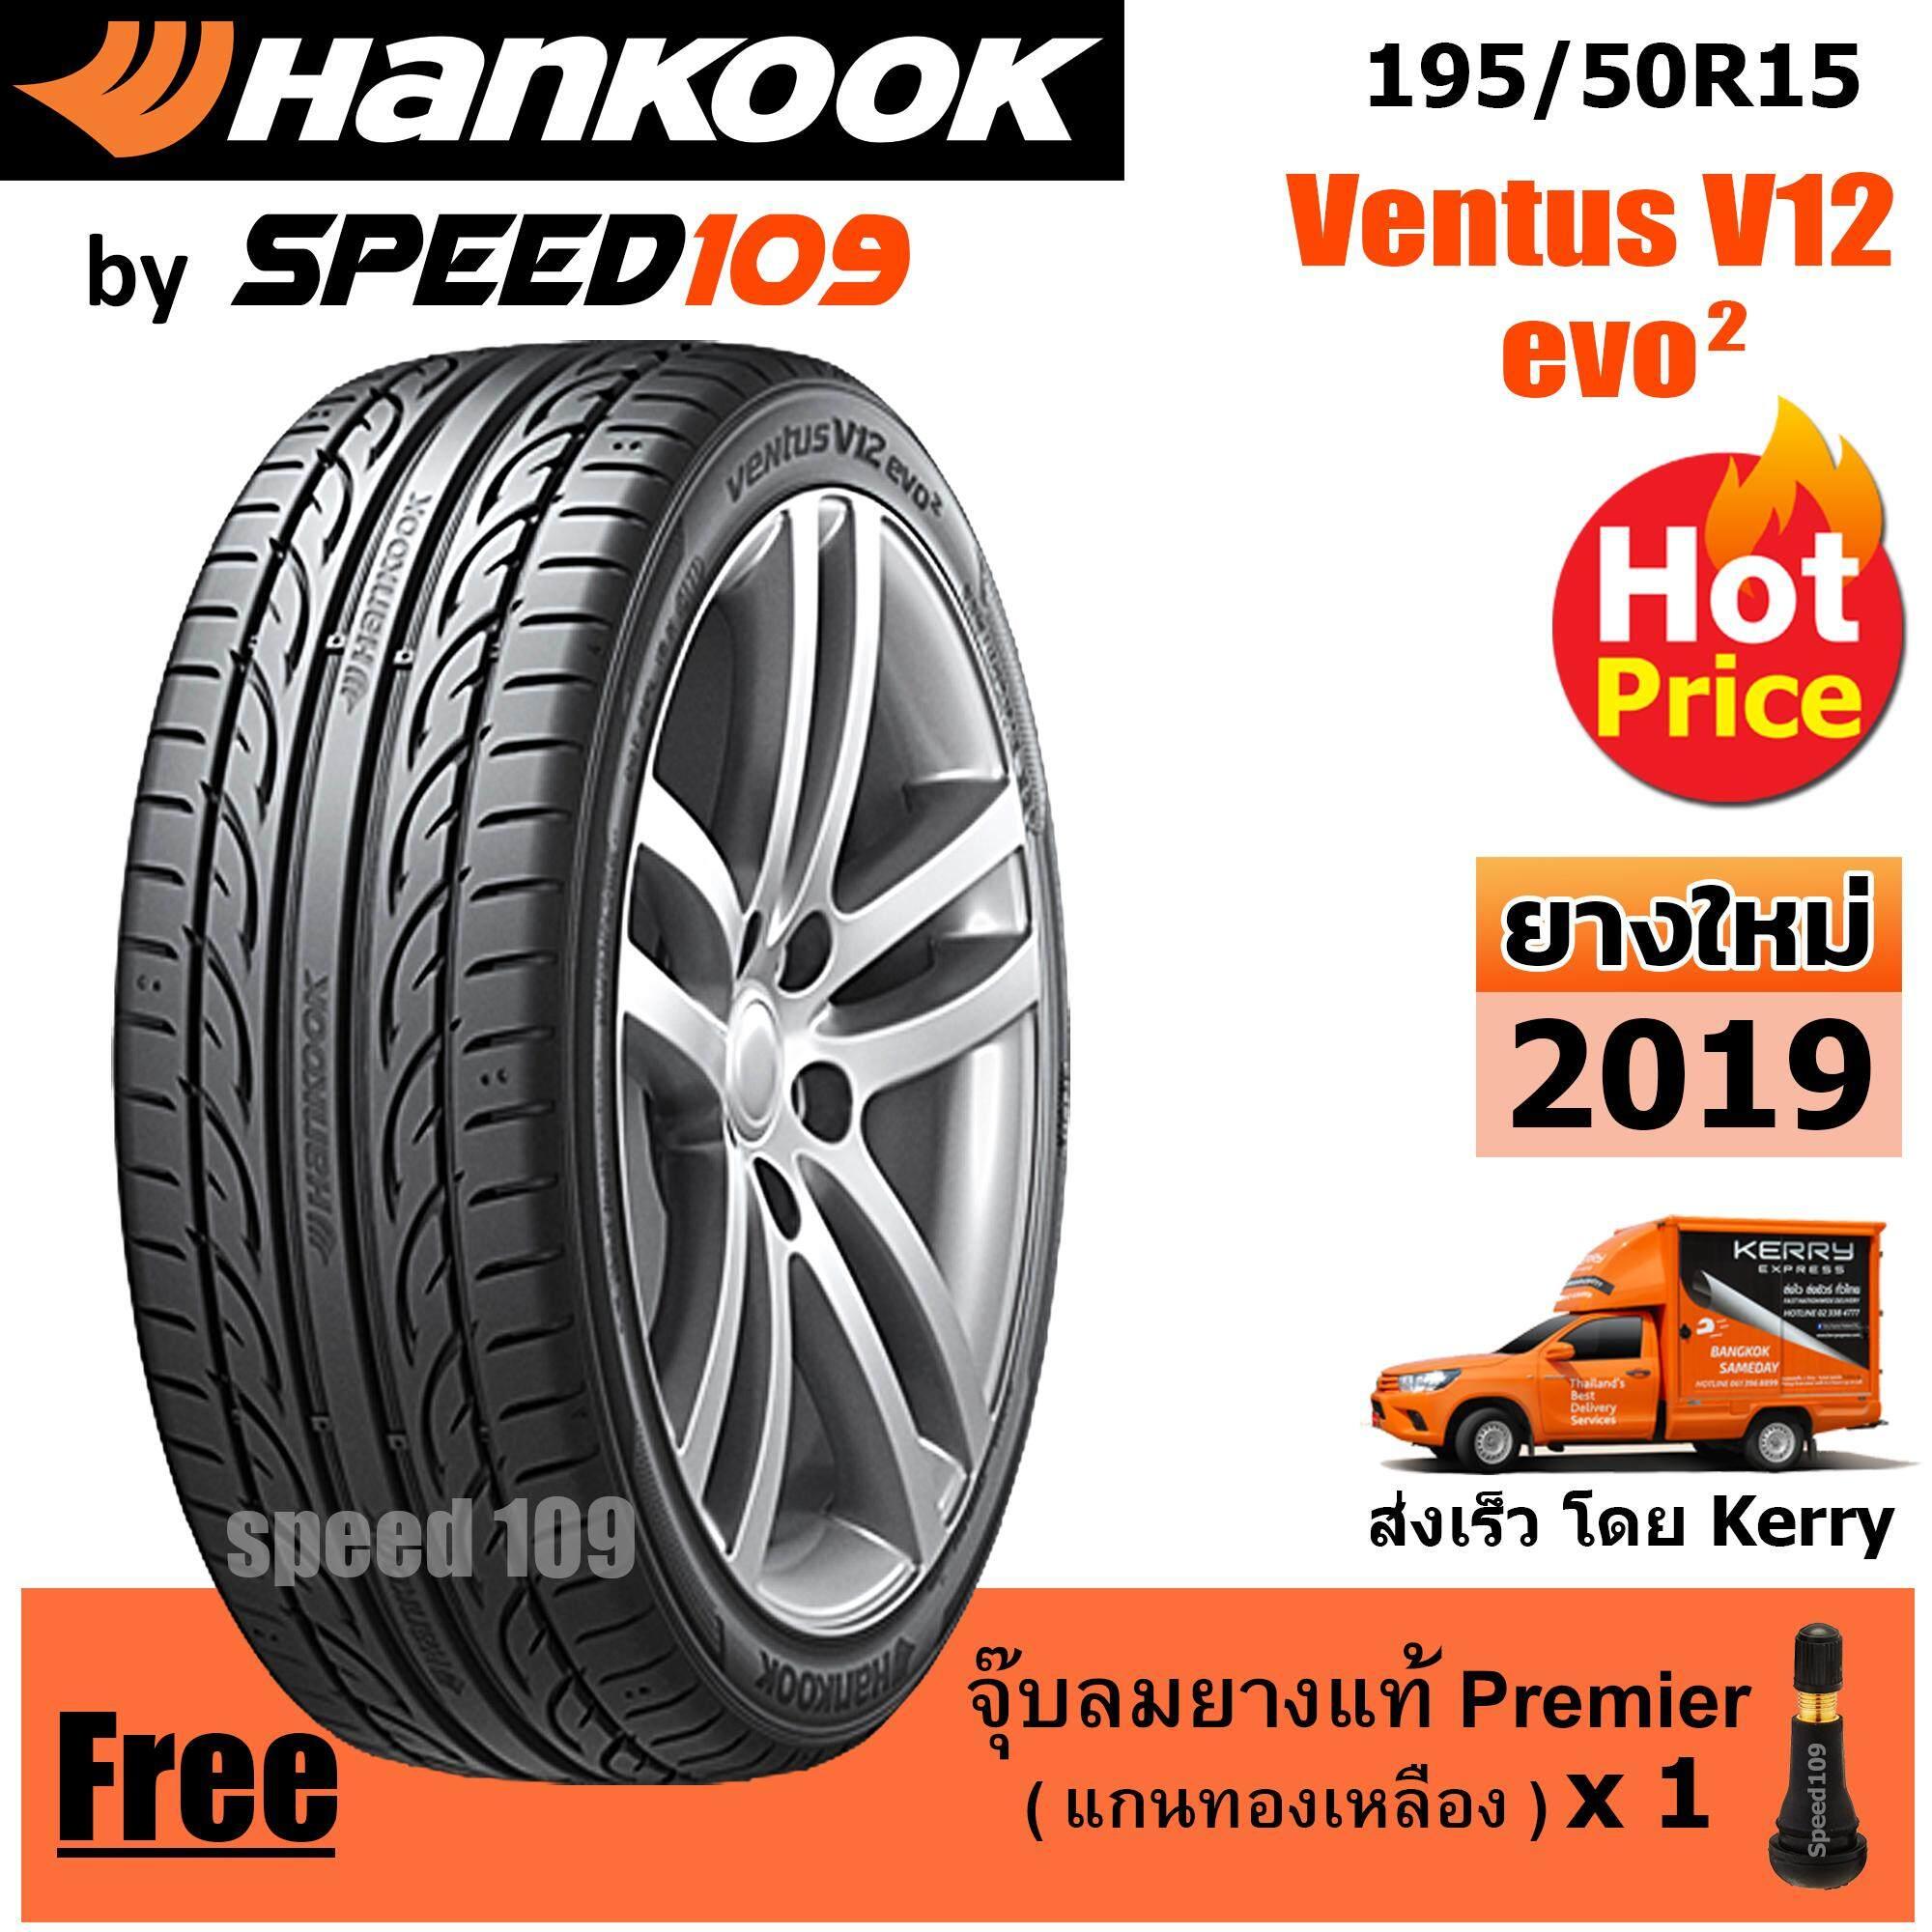 ประกันภัย รถยนต์ 3 พลัส ราคา ถูก อำนาจเจริญ HANKOOK ยางรถยนต์ ขอบ 15 ขนาด 195/50R15 รุ่น Ventus V12 Evo2 - 1 เส้น (ปี 2019)